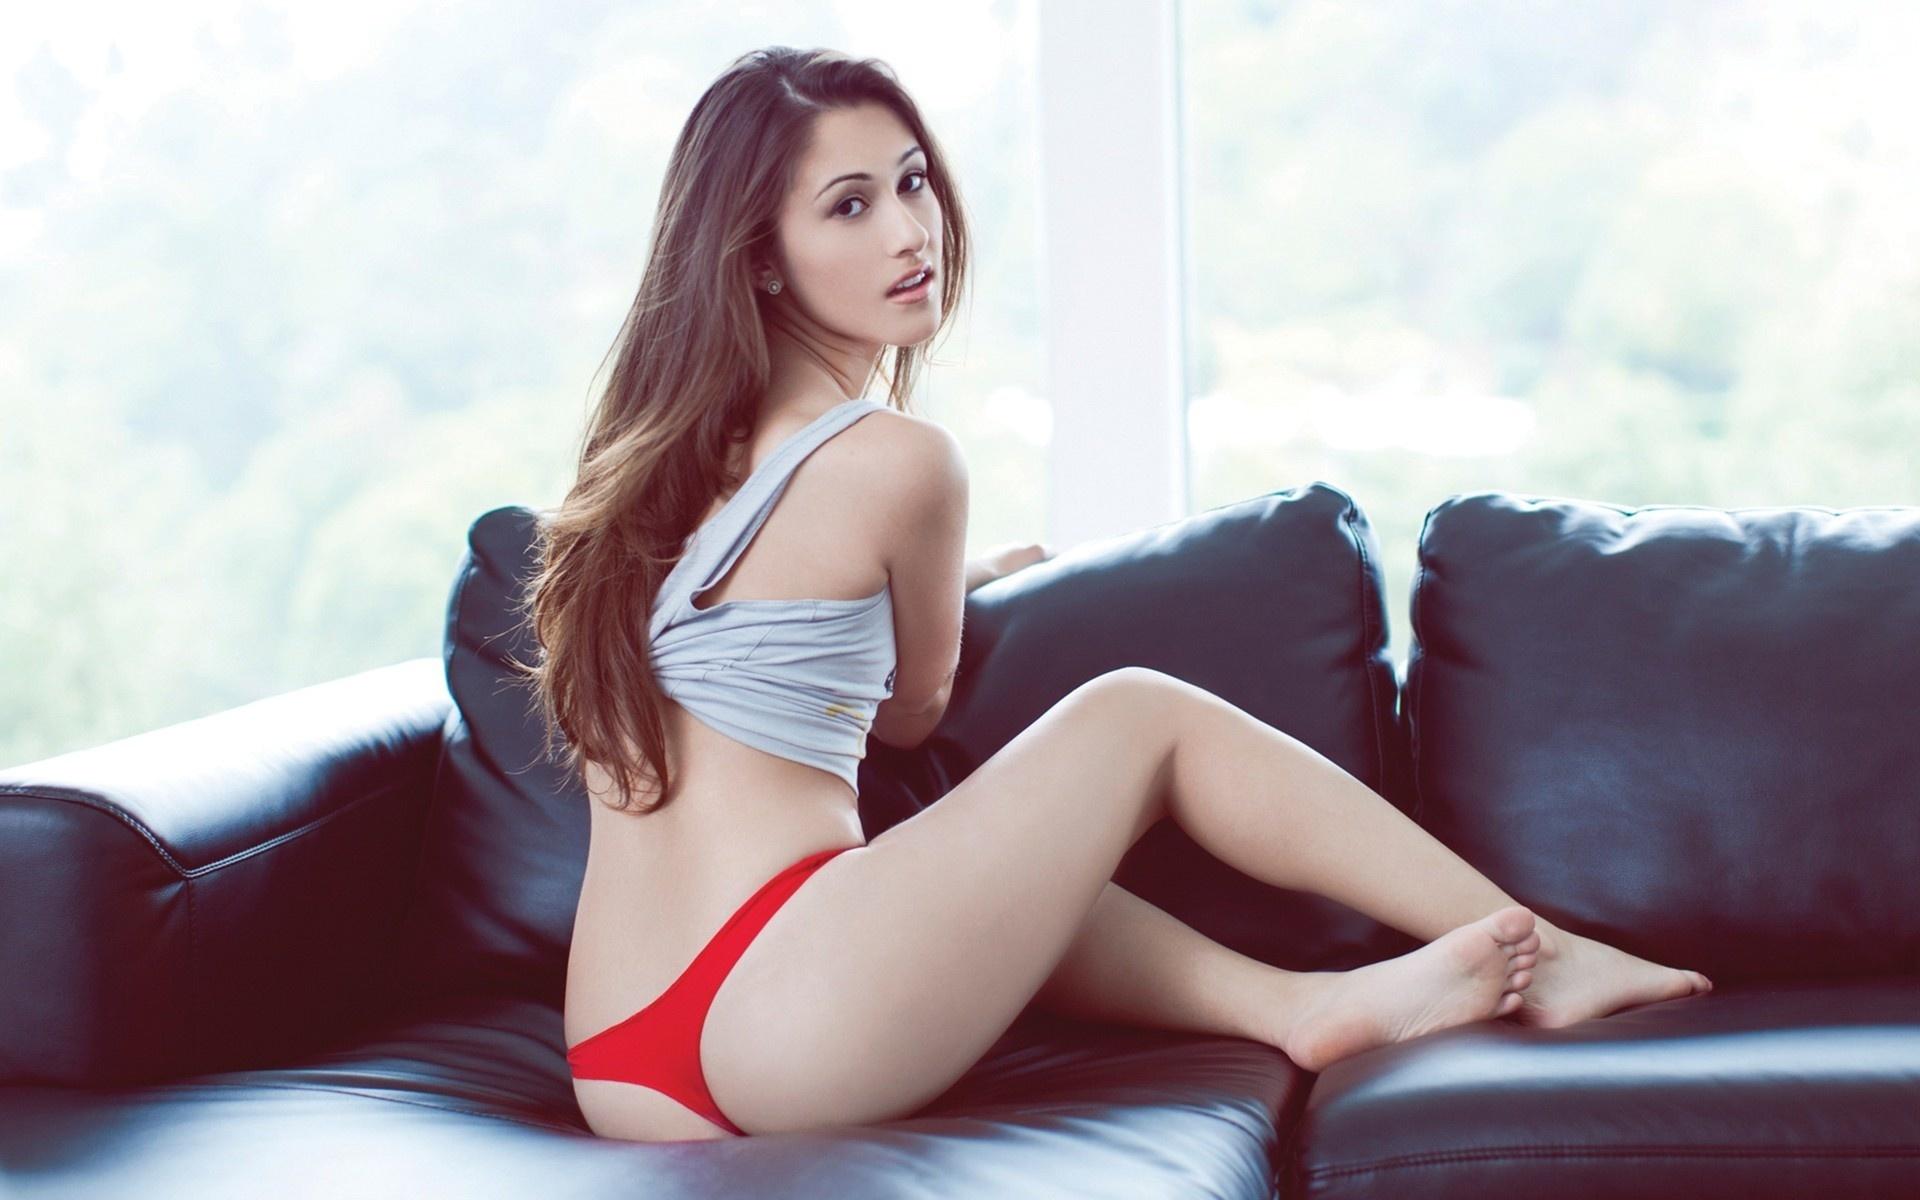 Petite brunette nice ass